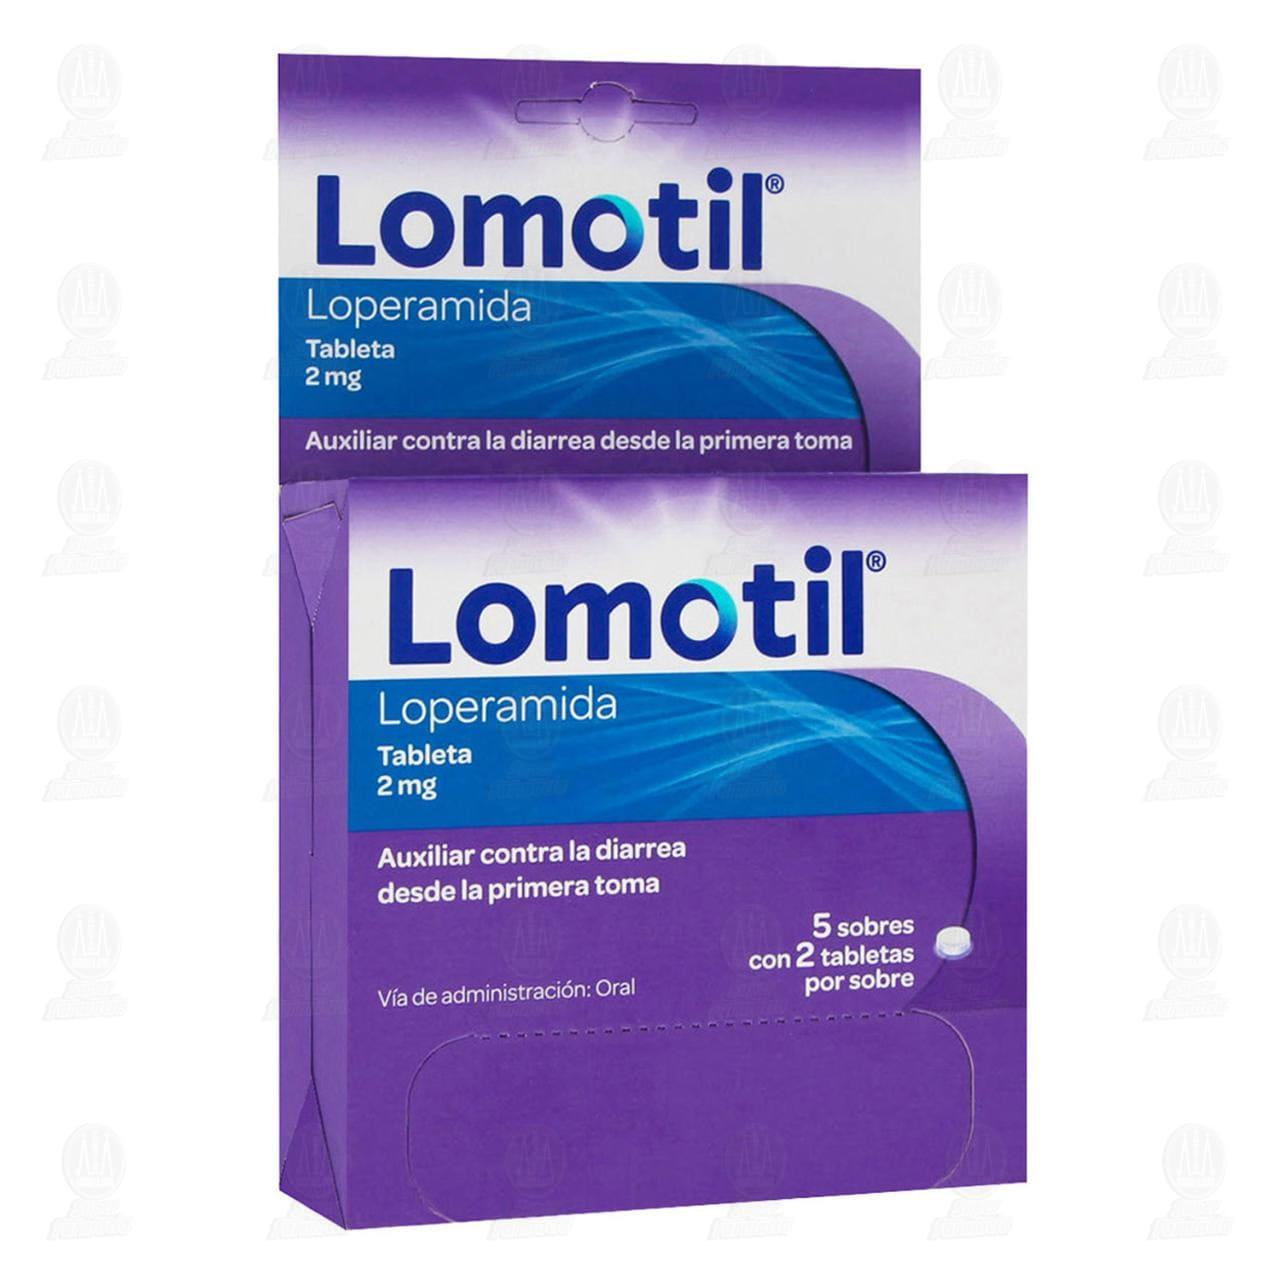 Comprar Lomotil 2mg 5 Sobres con 2 Tabletas c/u en Farmacias Guadalajara